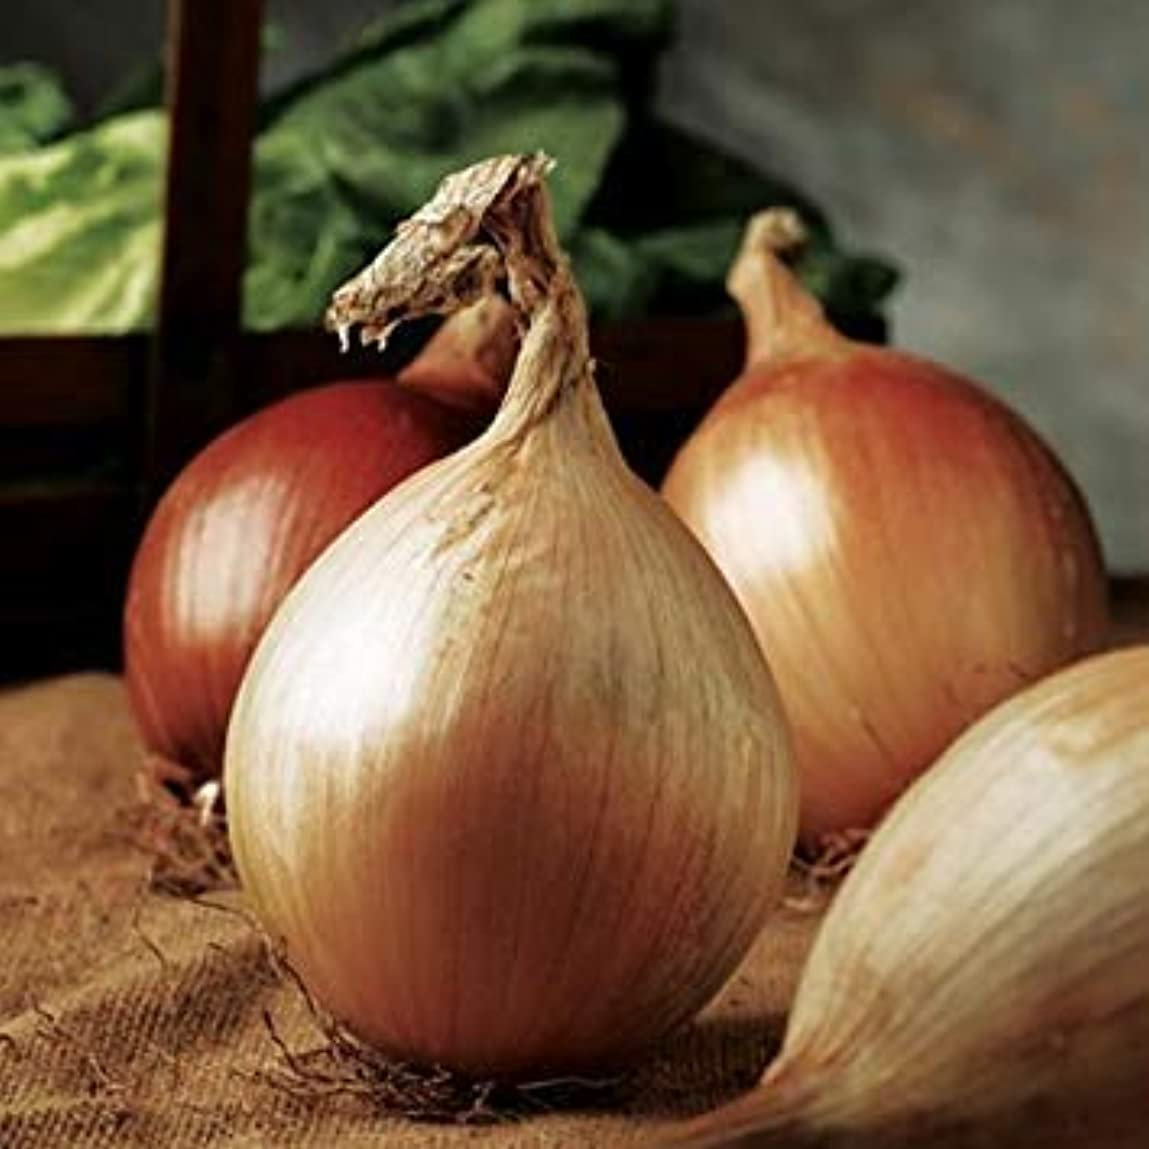 ガラガラめんどりびっくり種子パッケージ:ONION - アルサクレイグ島受賞者 - 200個の種子